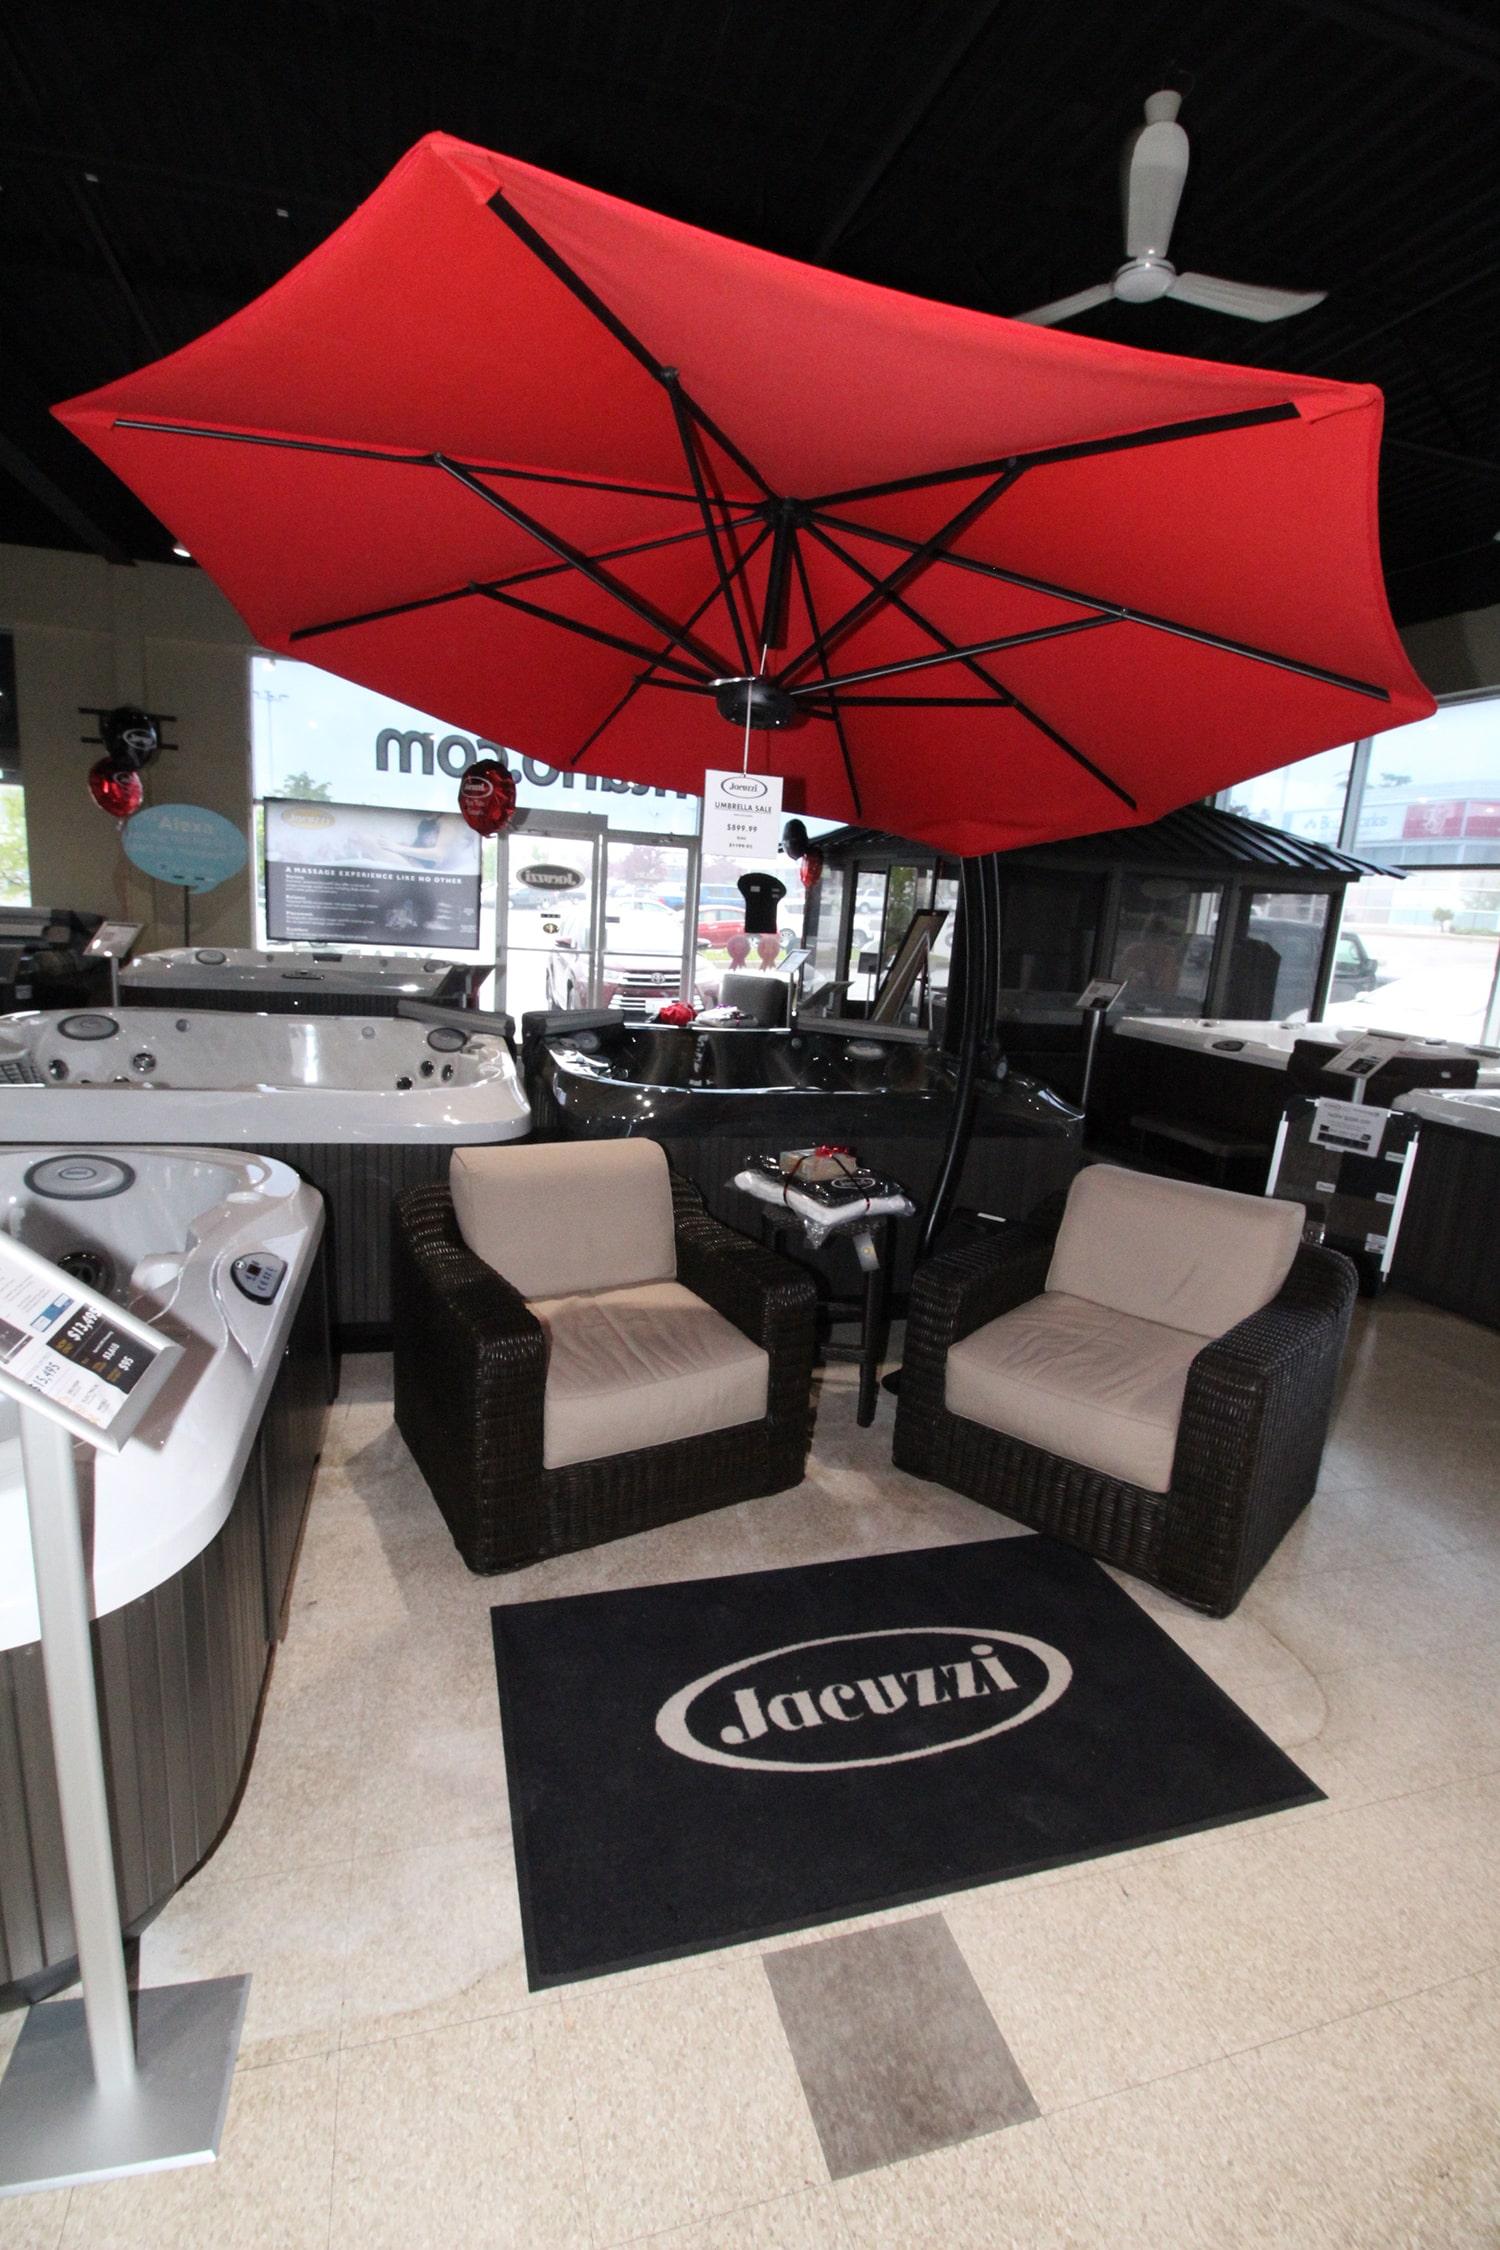 Jacuzzi Barrie Outdoor Furniture Showroom